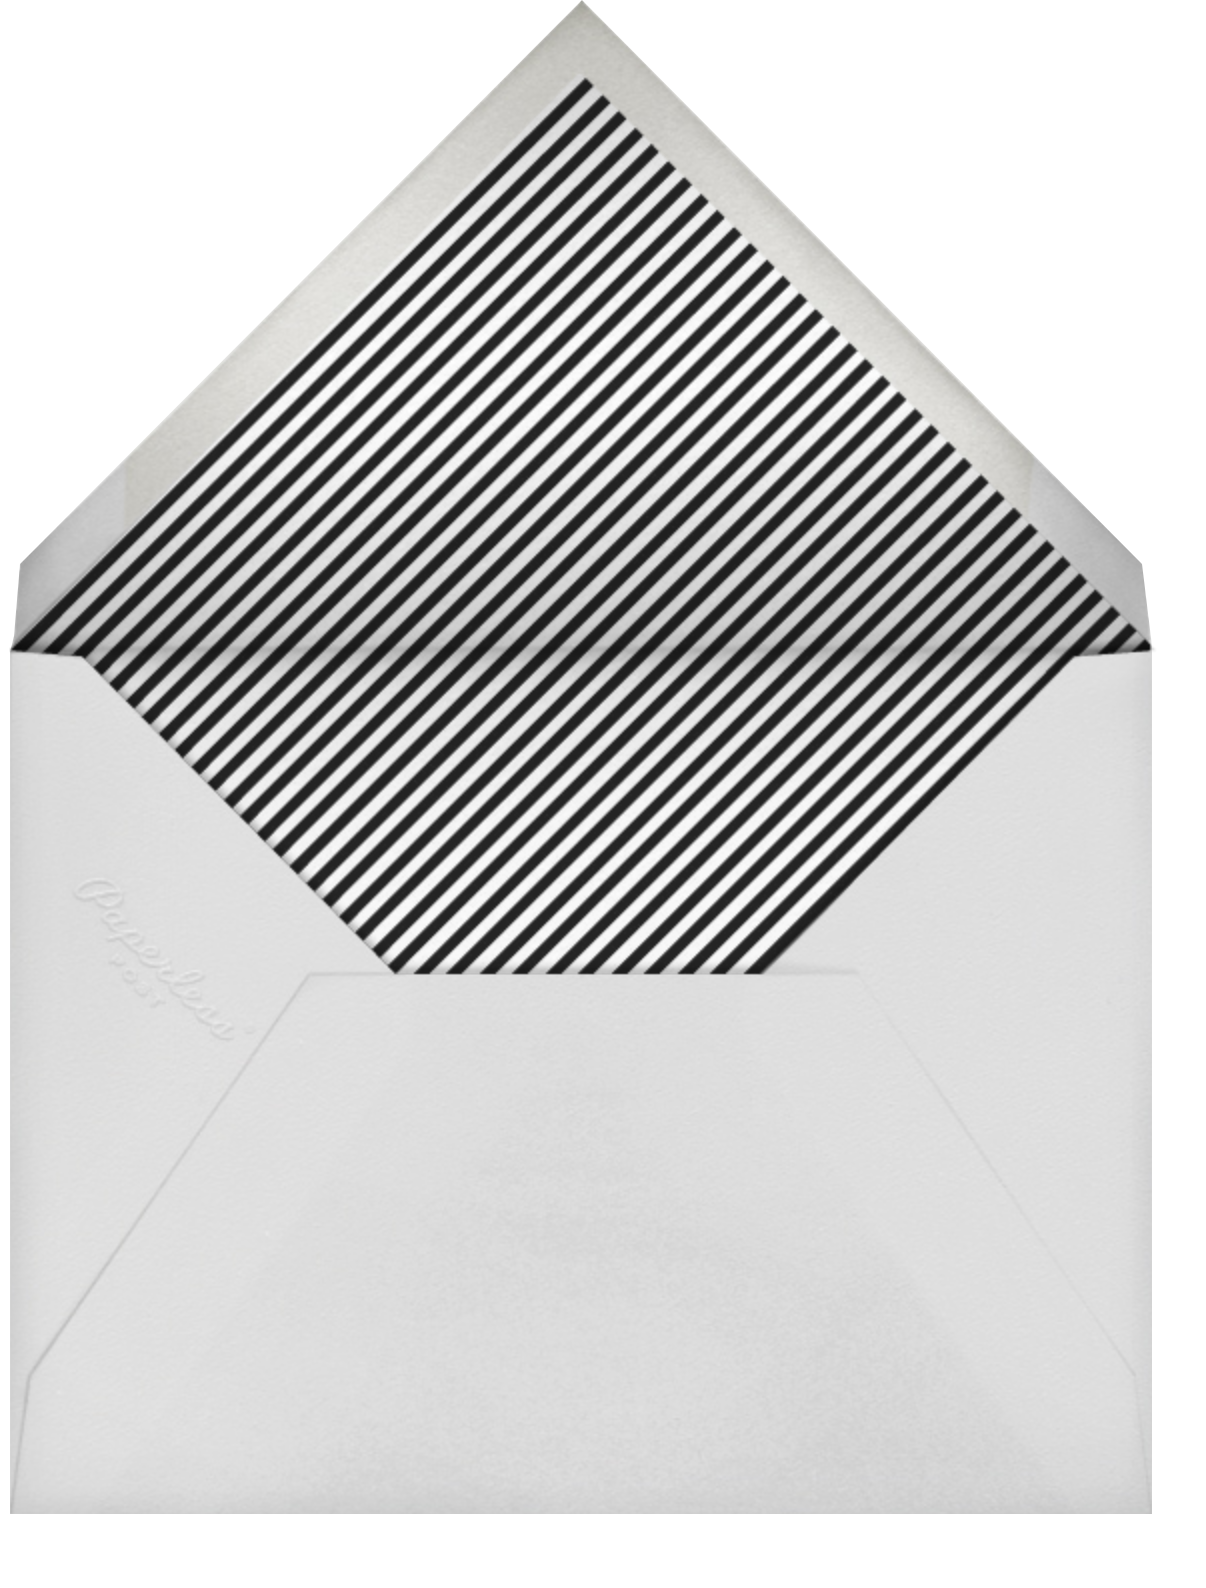 Betsy Ross Handy Work - Red - Mr. Boddington's Studio - Memorial Day - envelope back